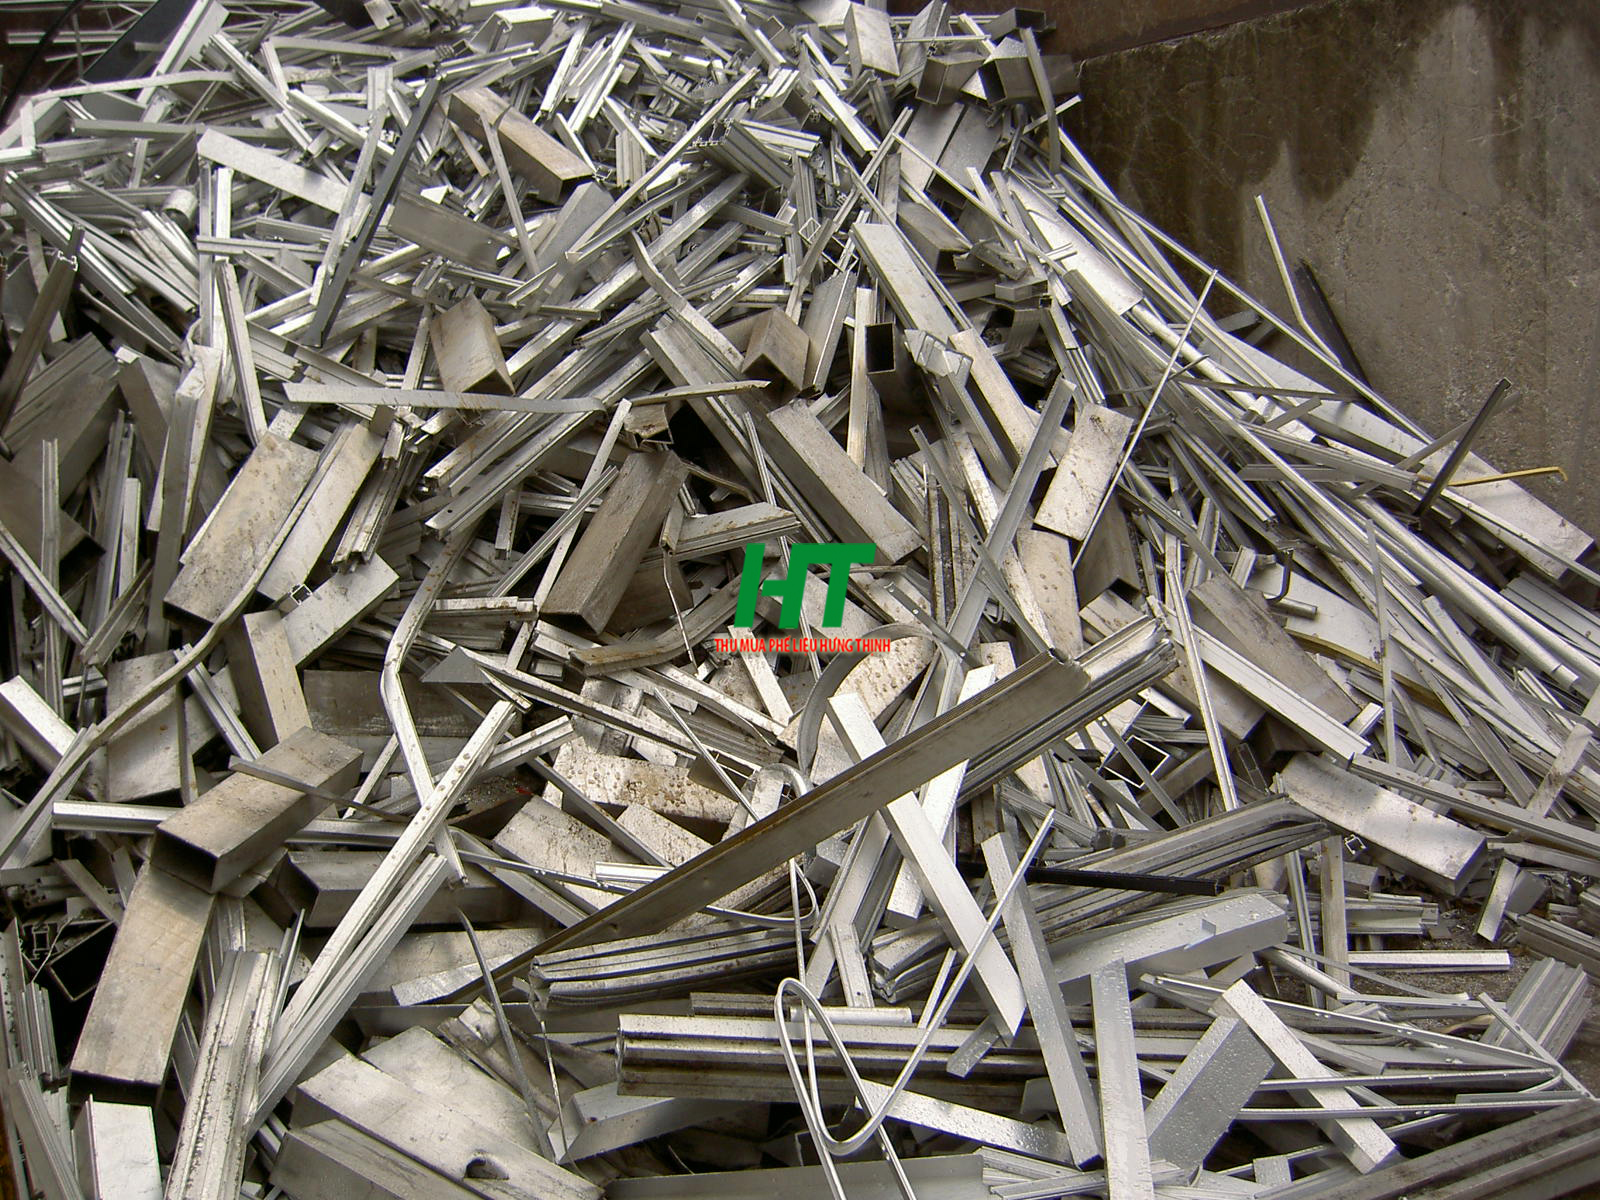 Thu mua các loại inox phế liệu giá cao toàn quốc